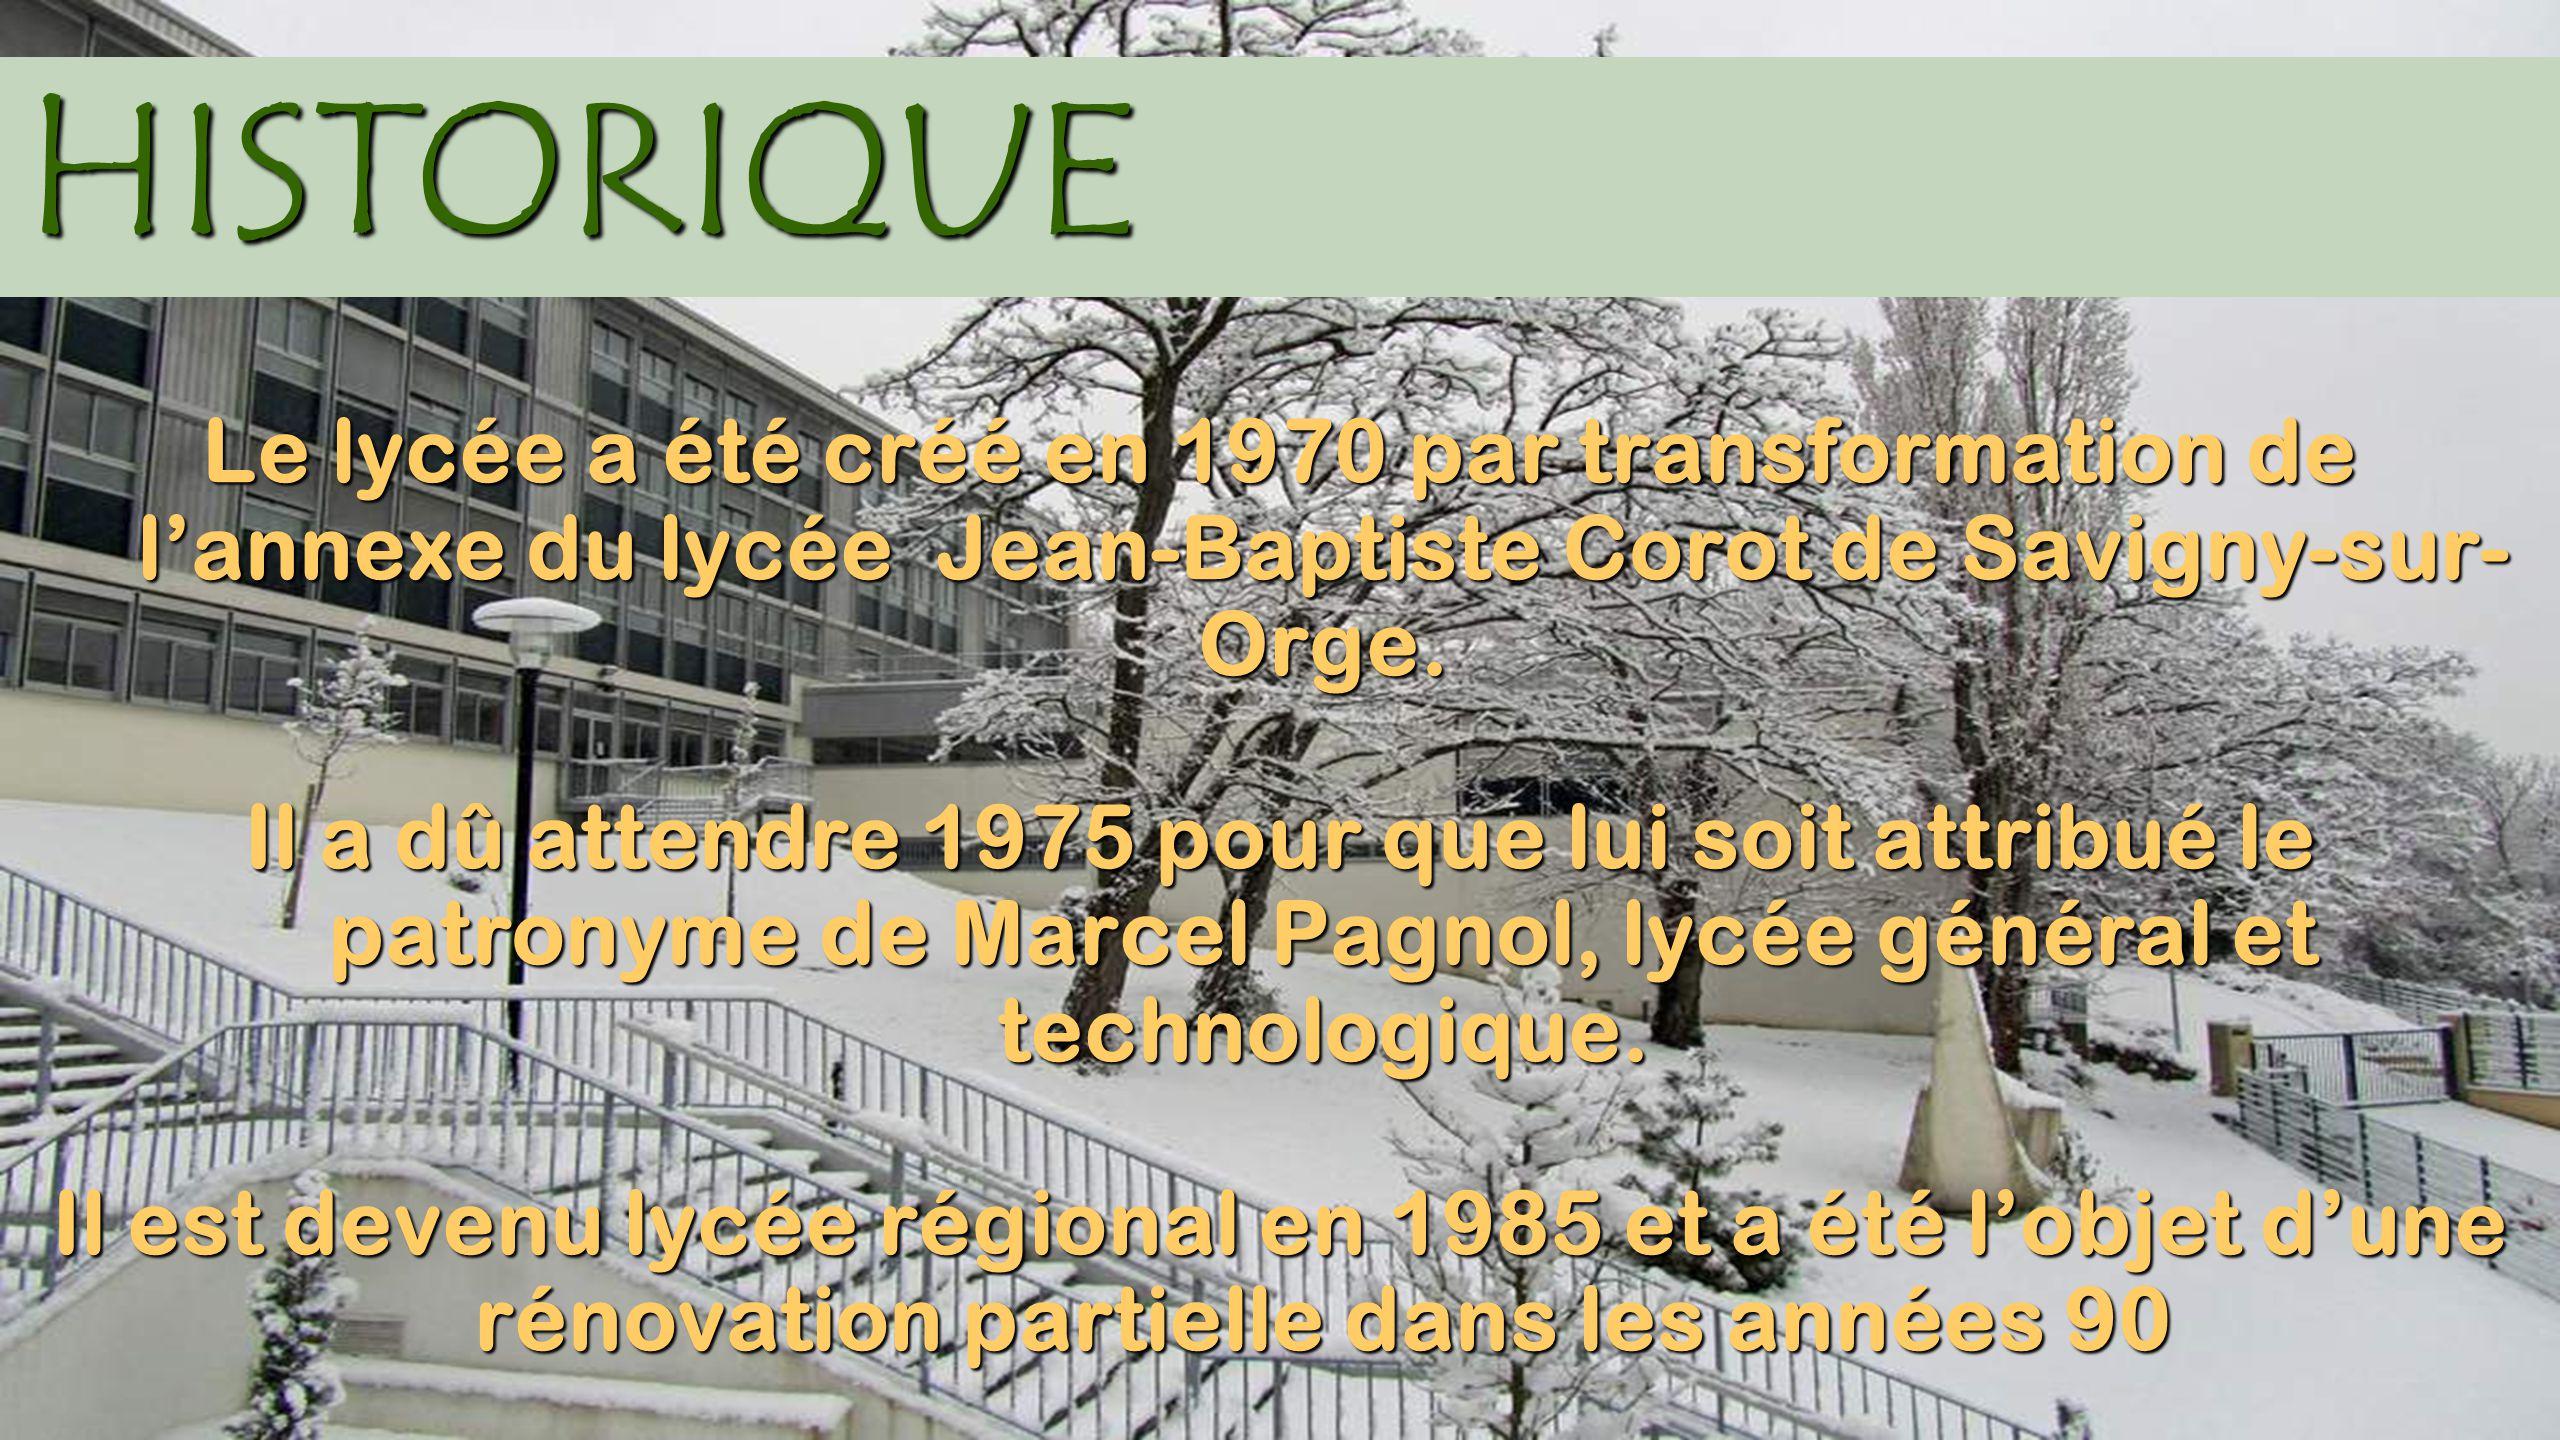 HISTORIQUE Le lycée a été créé en 1970 par transformation de l'annexe du lycée Jean-Baptiste Corot de Savigny-sur- Orge. Il a dû attendre 1975 pour qu